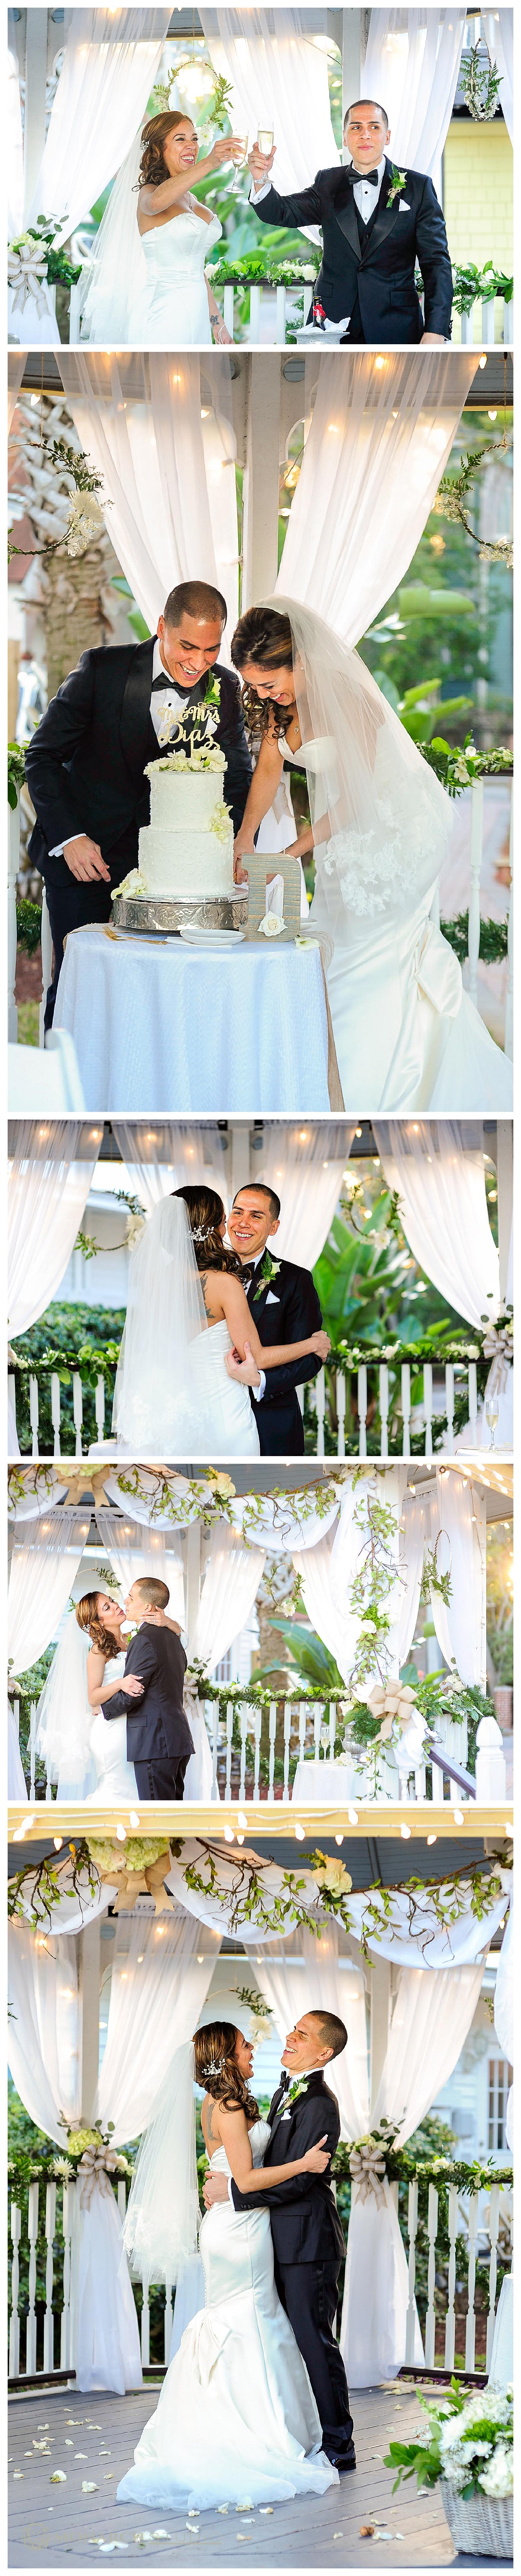 Bayfront Marin House Wedding, St. Augustine - 015.JPG